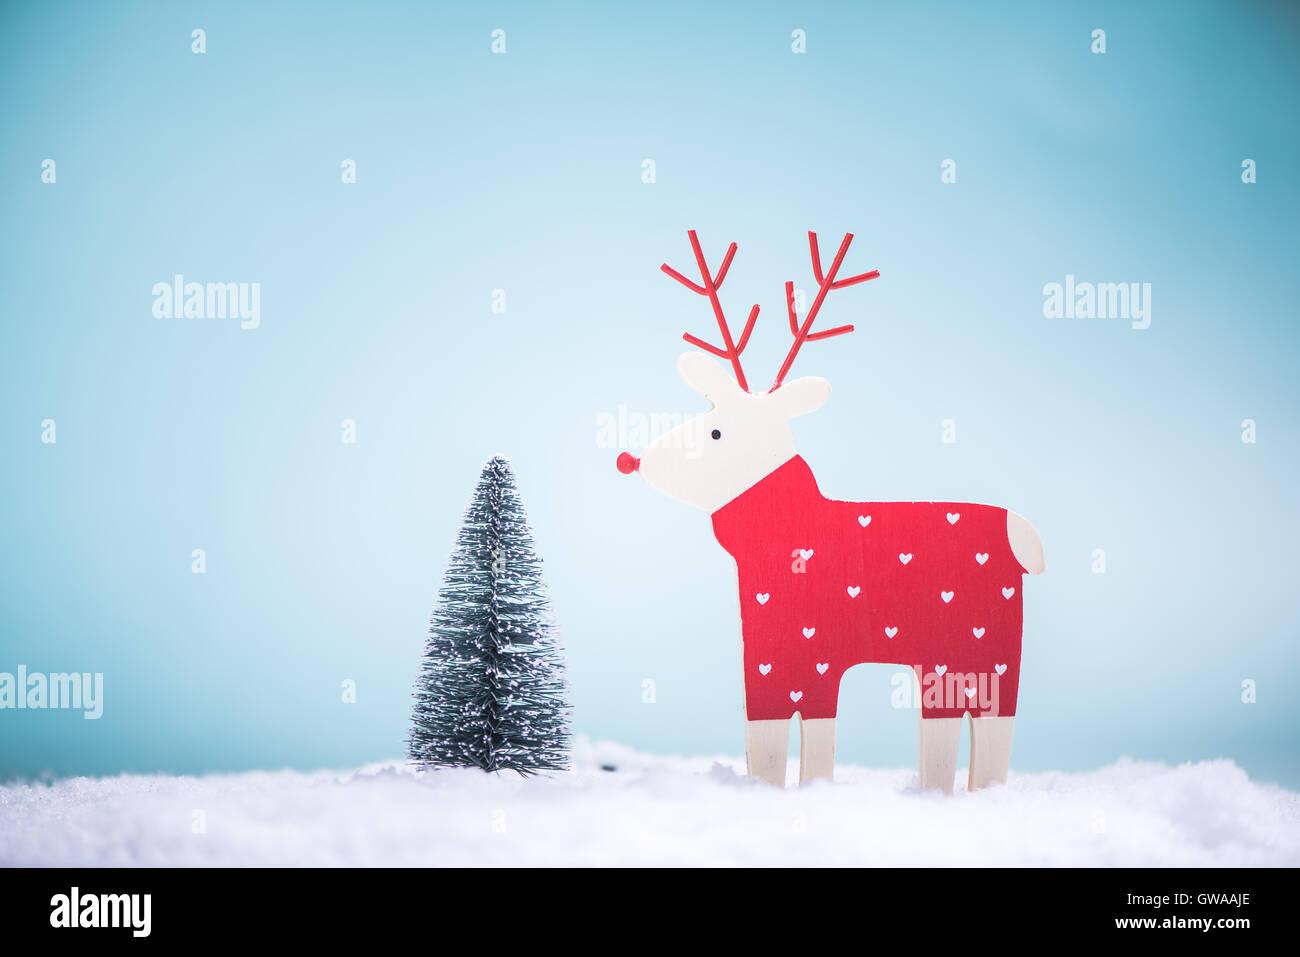 lustige rentiere und weihnachtsbaum im schnee stockfoto. Black Bedroom Furniture Sets. Home Design Ideas